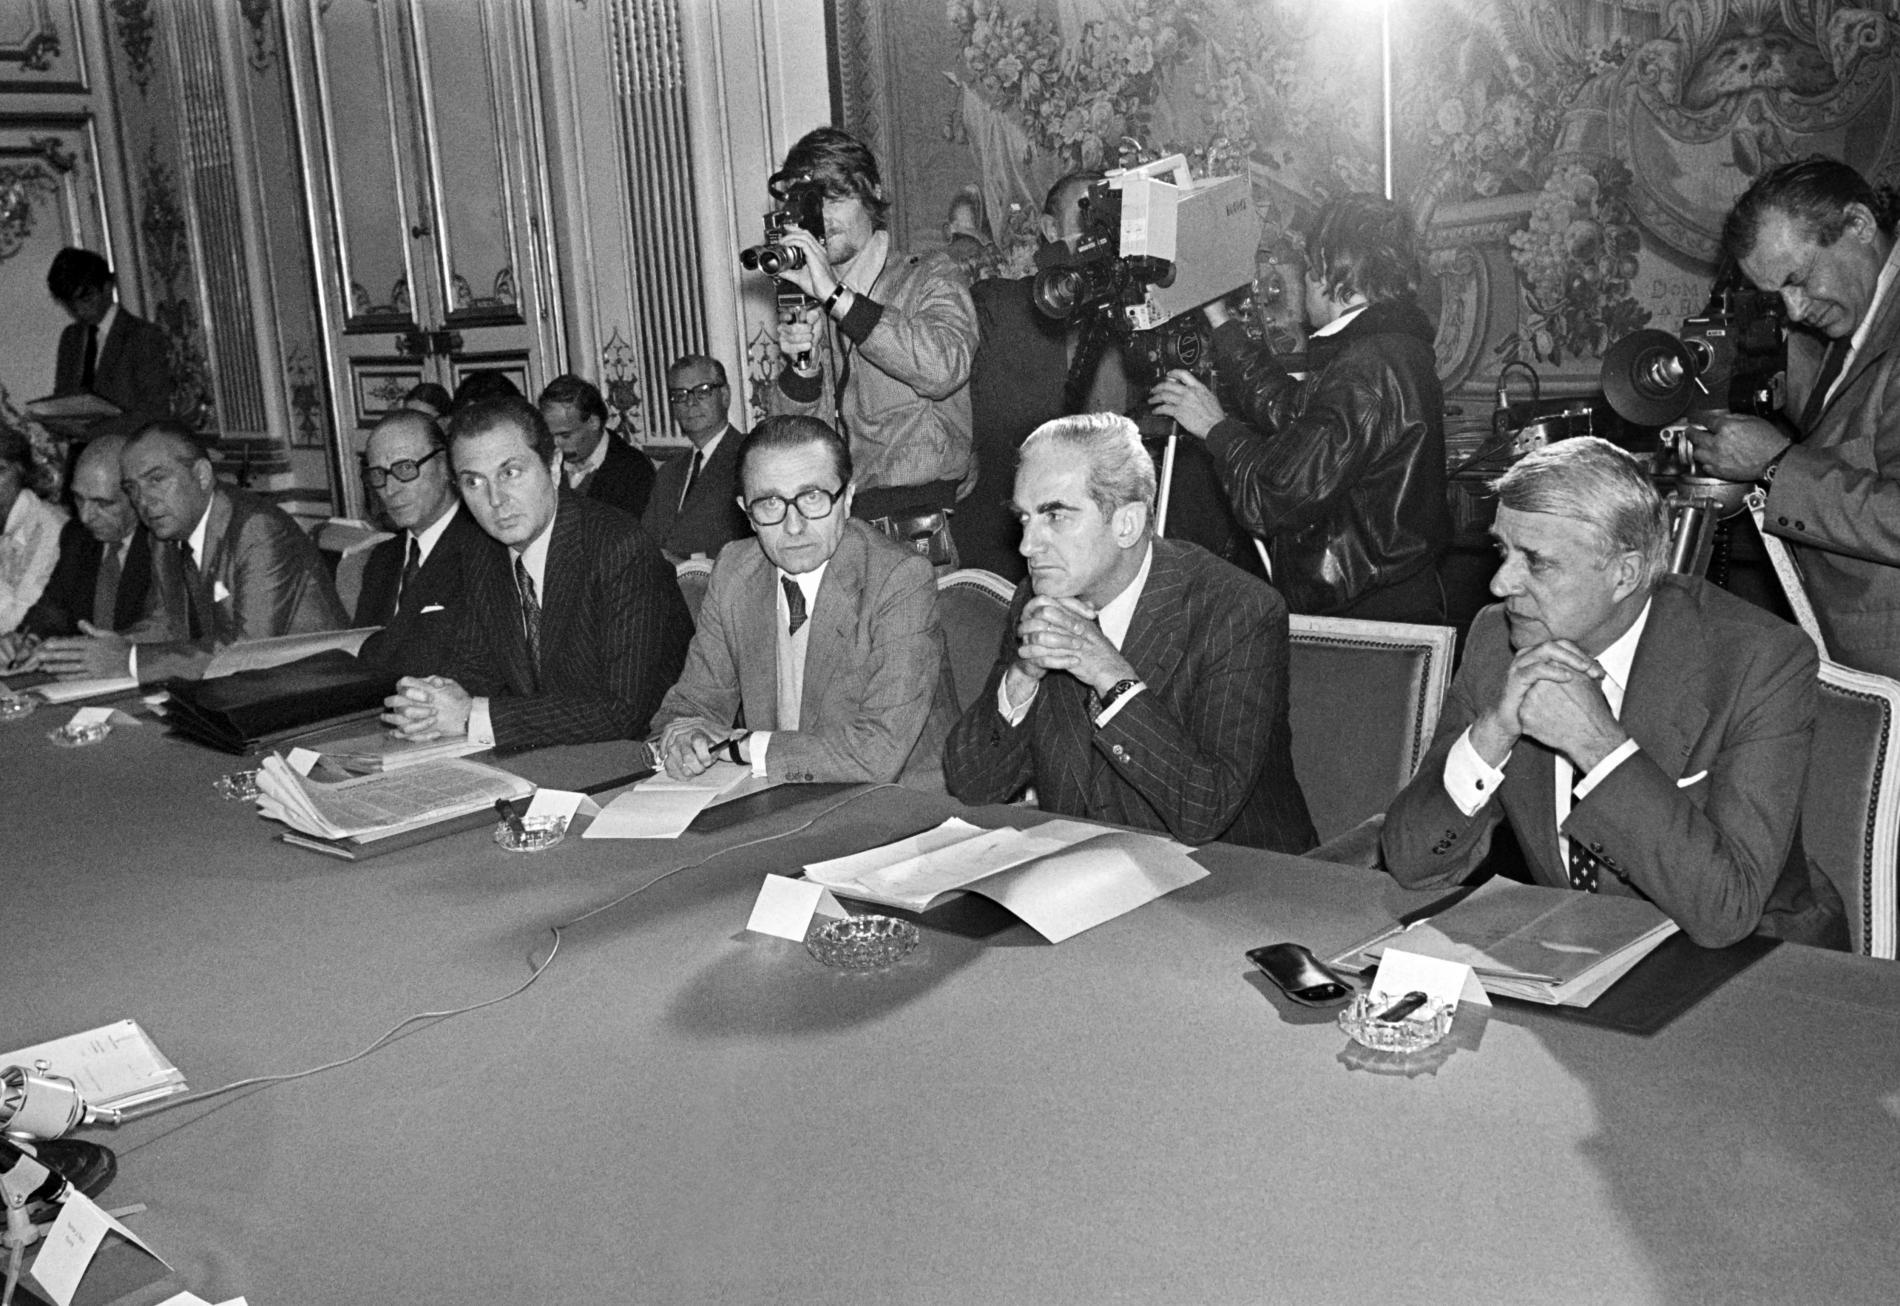 De droite à gauche : le ministre du Travail, Robert Boulin, leministre de la Justice, Alain Peyrefitte, et le ministre de l\'Intérieur, Christian Bonnet, le 4 juillet 1978, à Matignon (Paris).